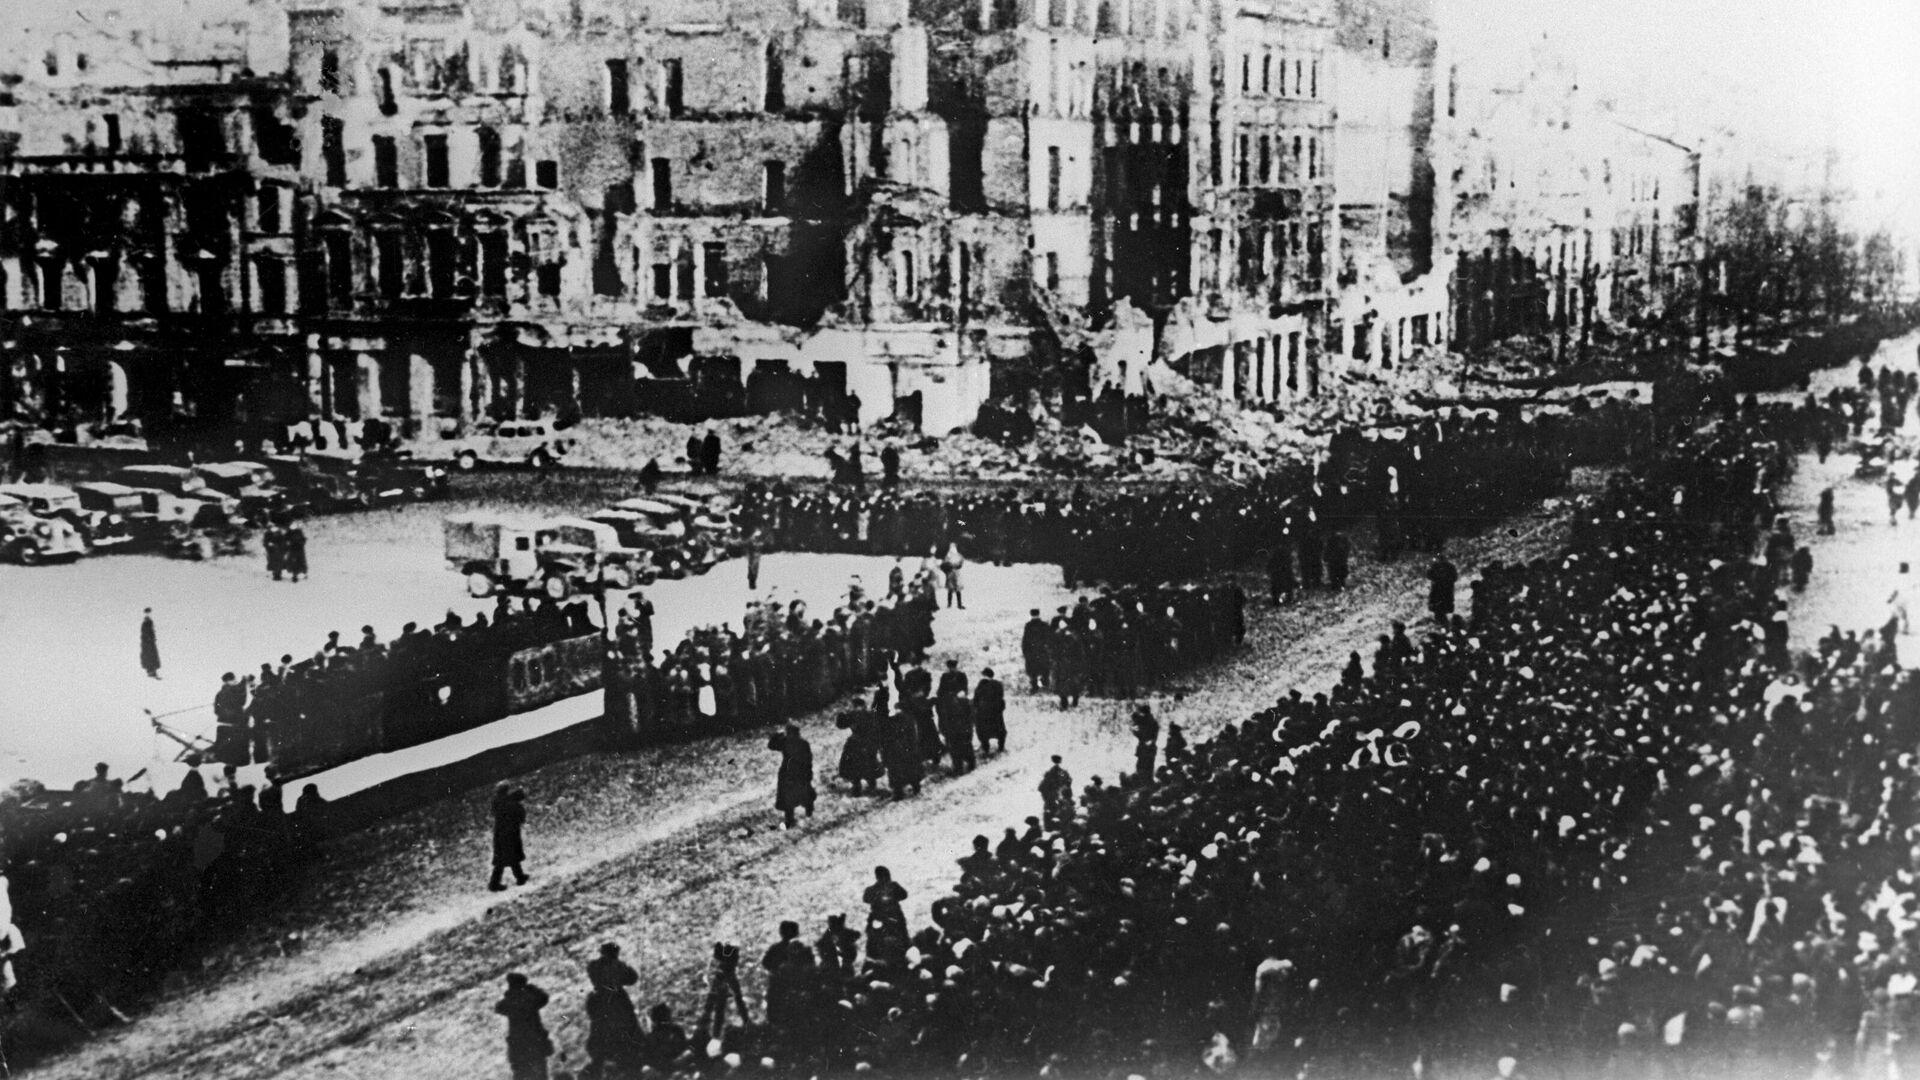 Парад Войска Польского на площади освобожденной Варшавы. 19 января 1945  - РИА Новости, 1920, 07.05.2021